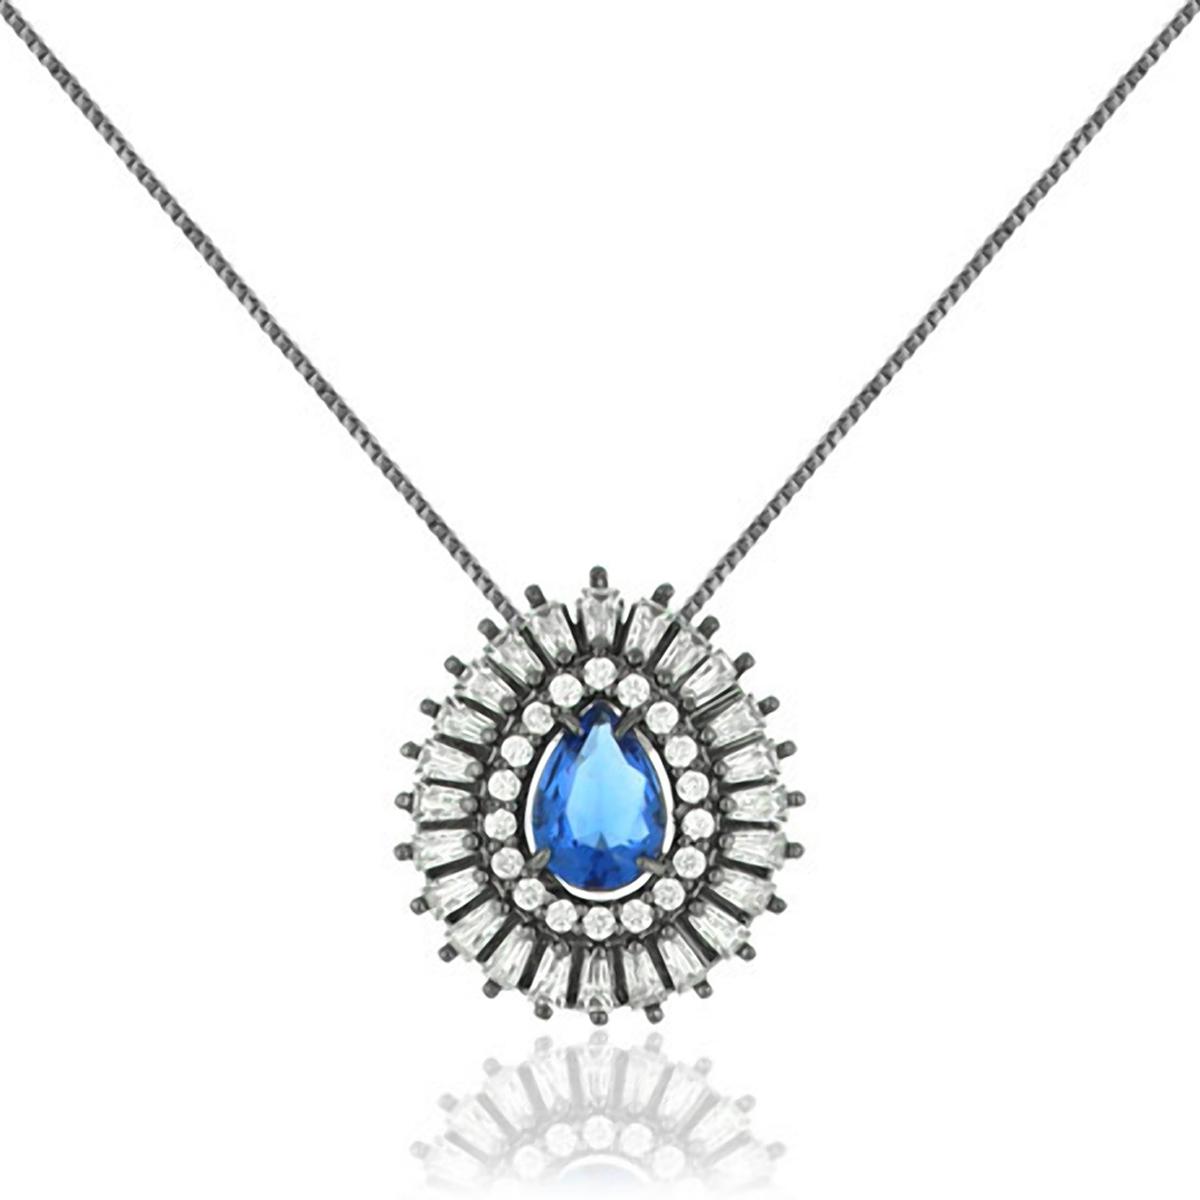 Colar Gota Azul Safira Semijoia em Ródio Negro com Zircônia e Cristal  - SOLOYOU